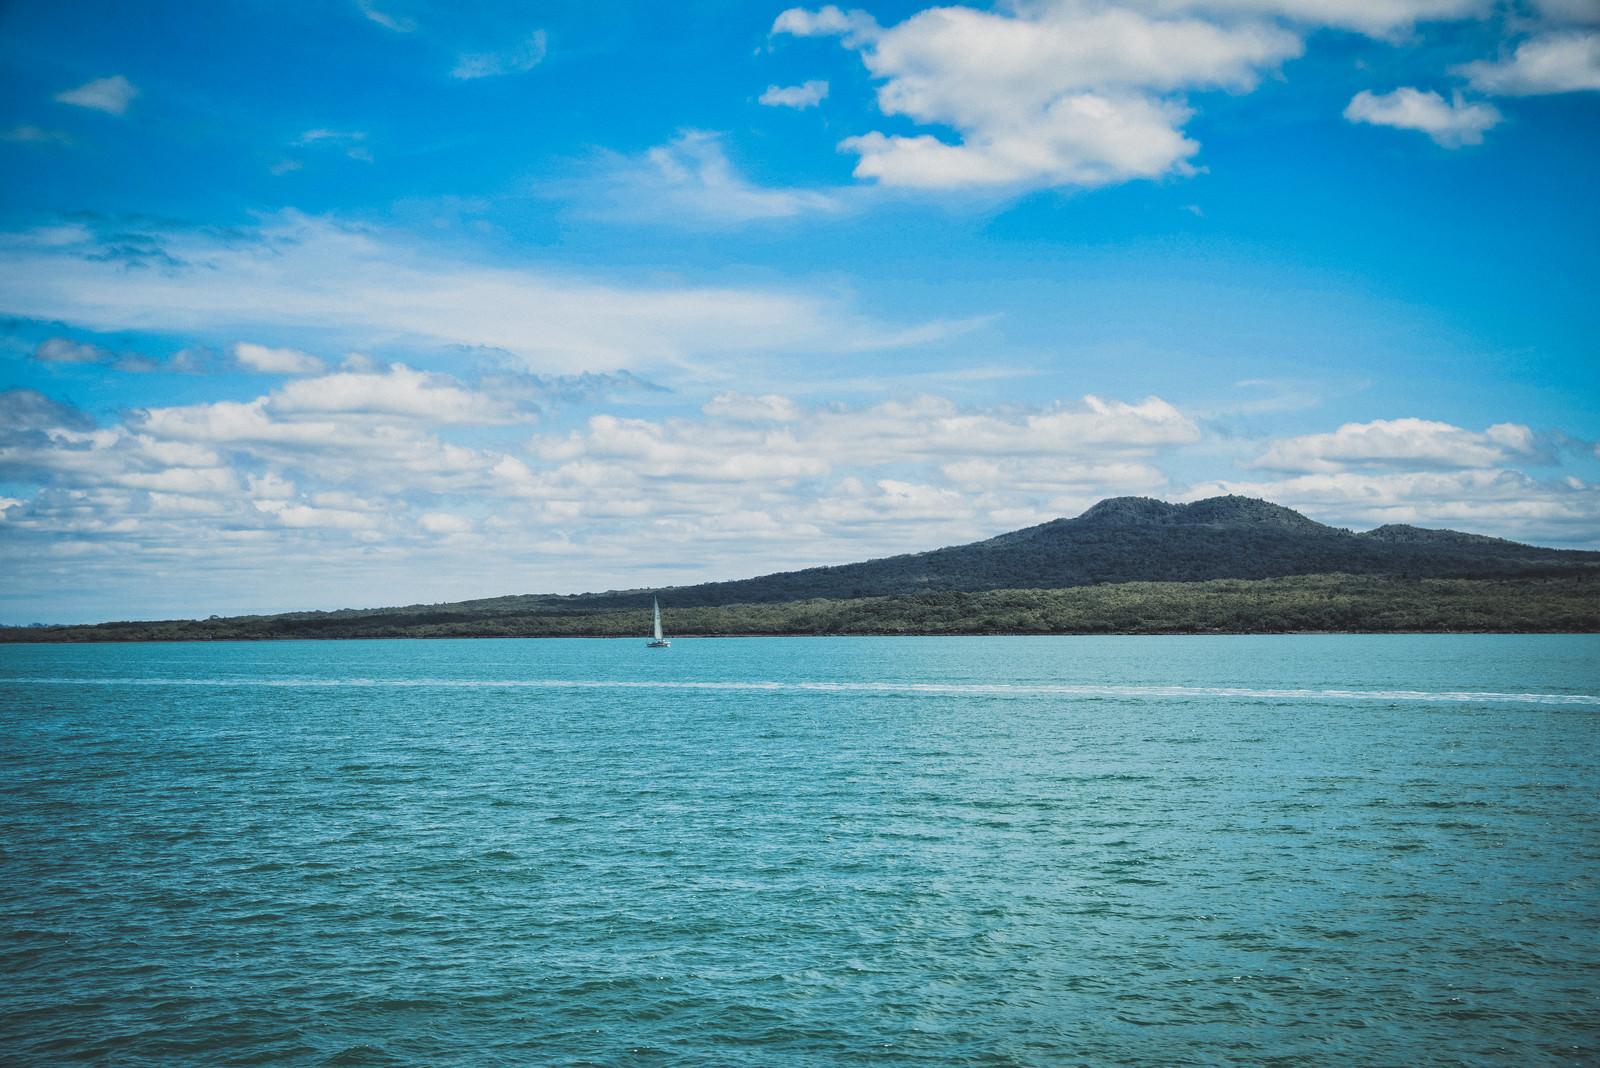 「ハウラキ湾に浮かぶヨットと島(ニュージーランド)」の写真